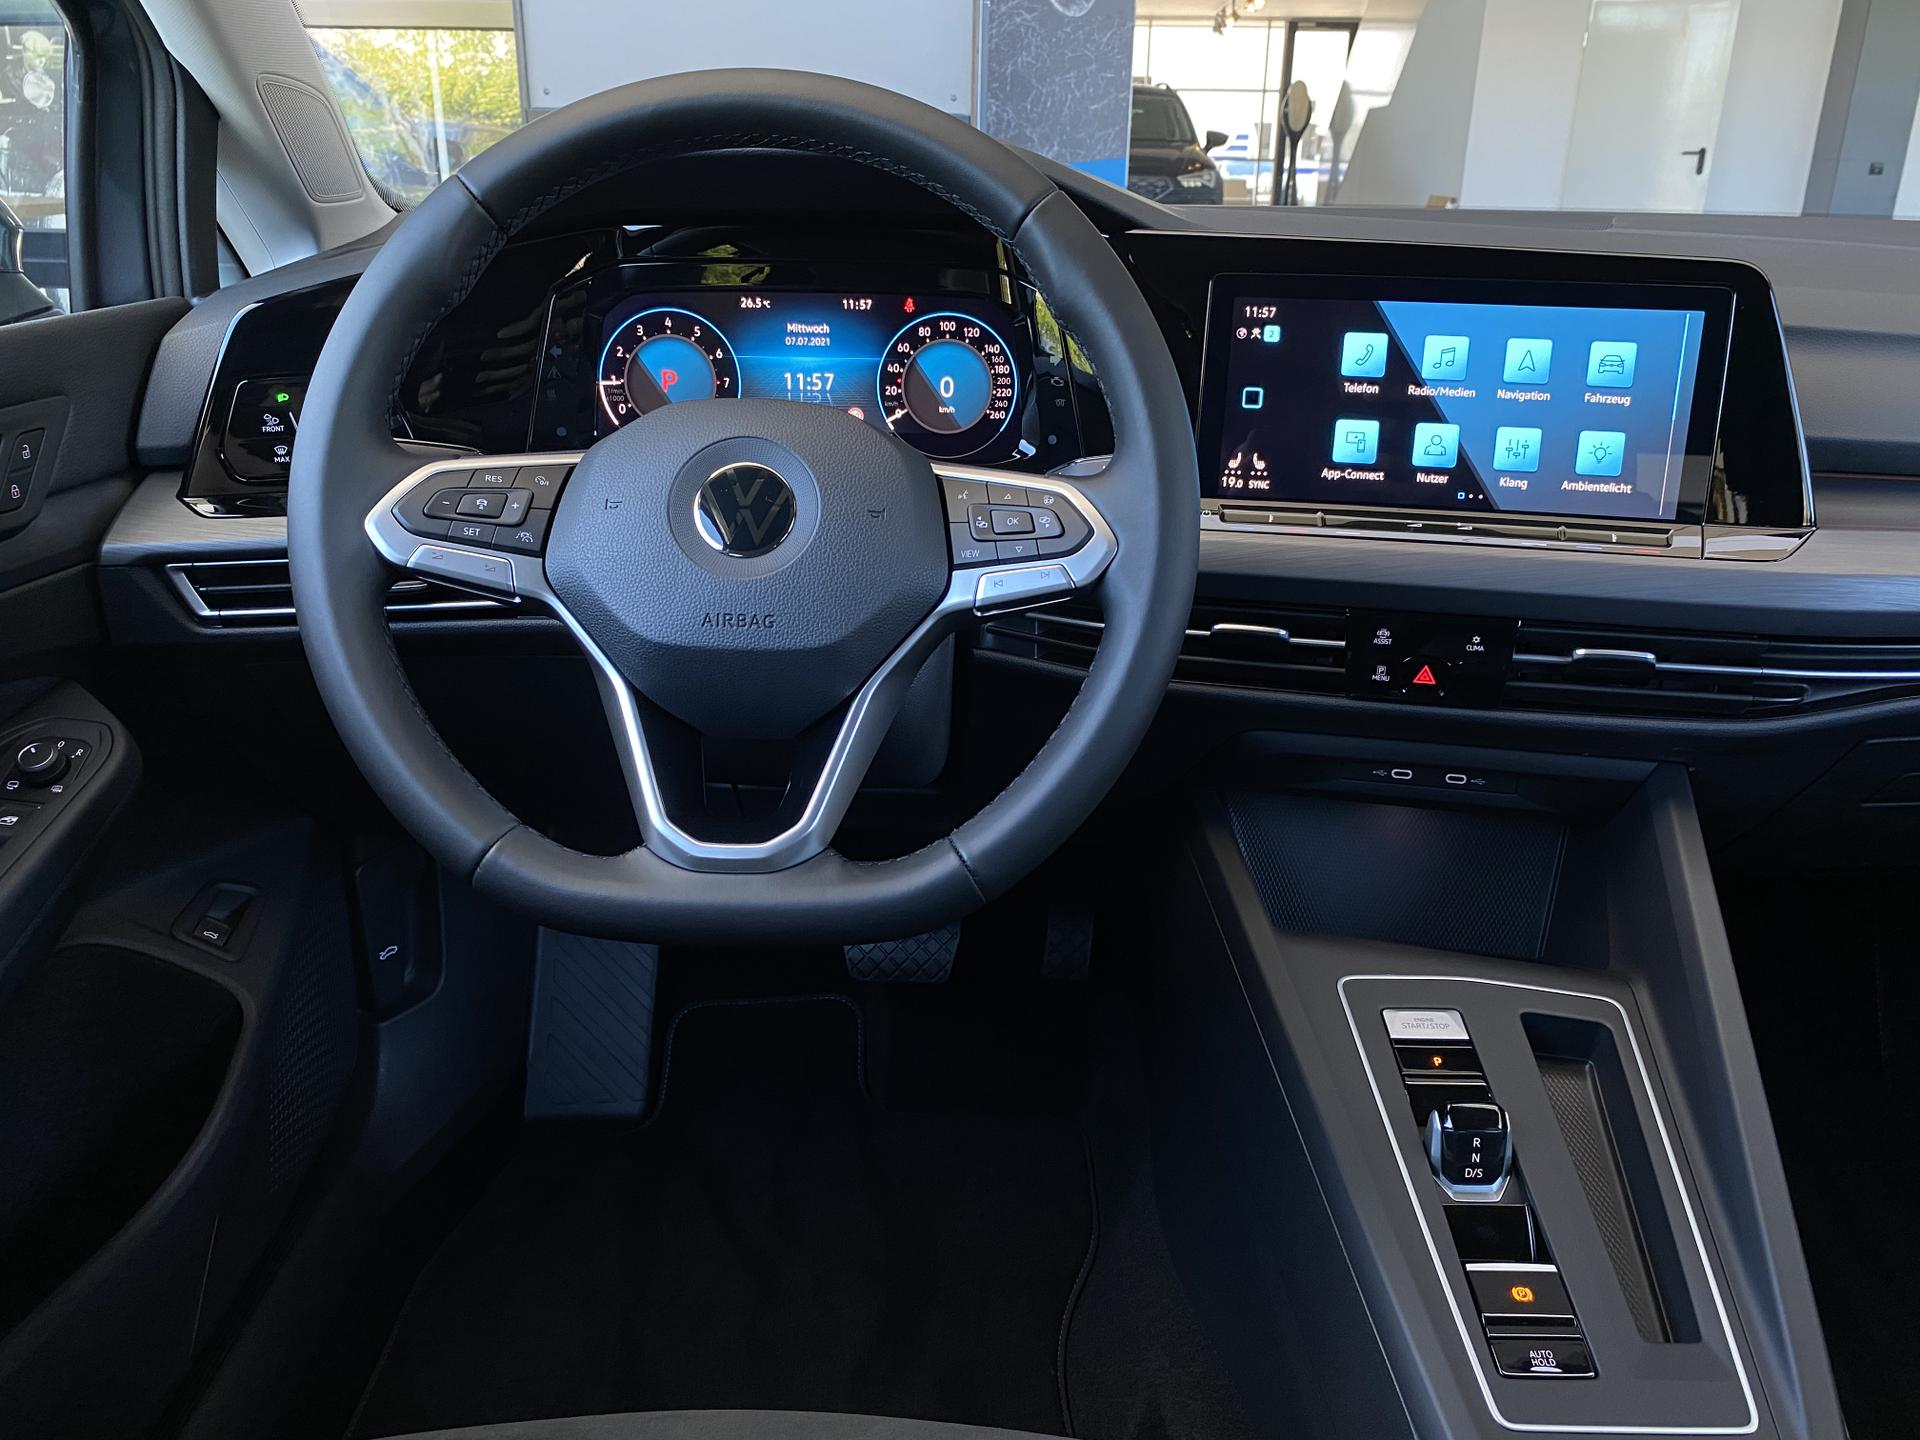 VW Golf Variant Innenraum